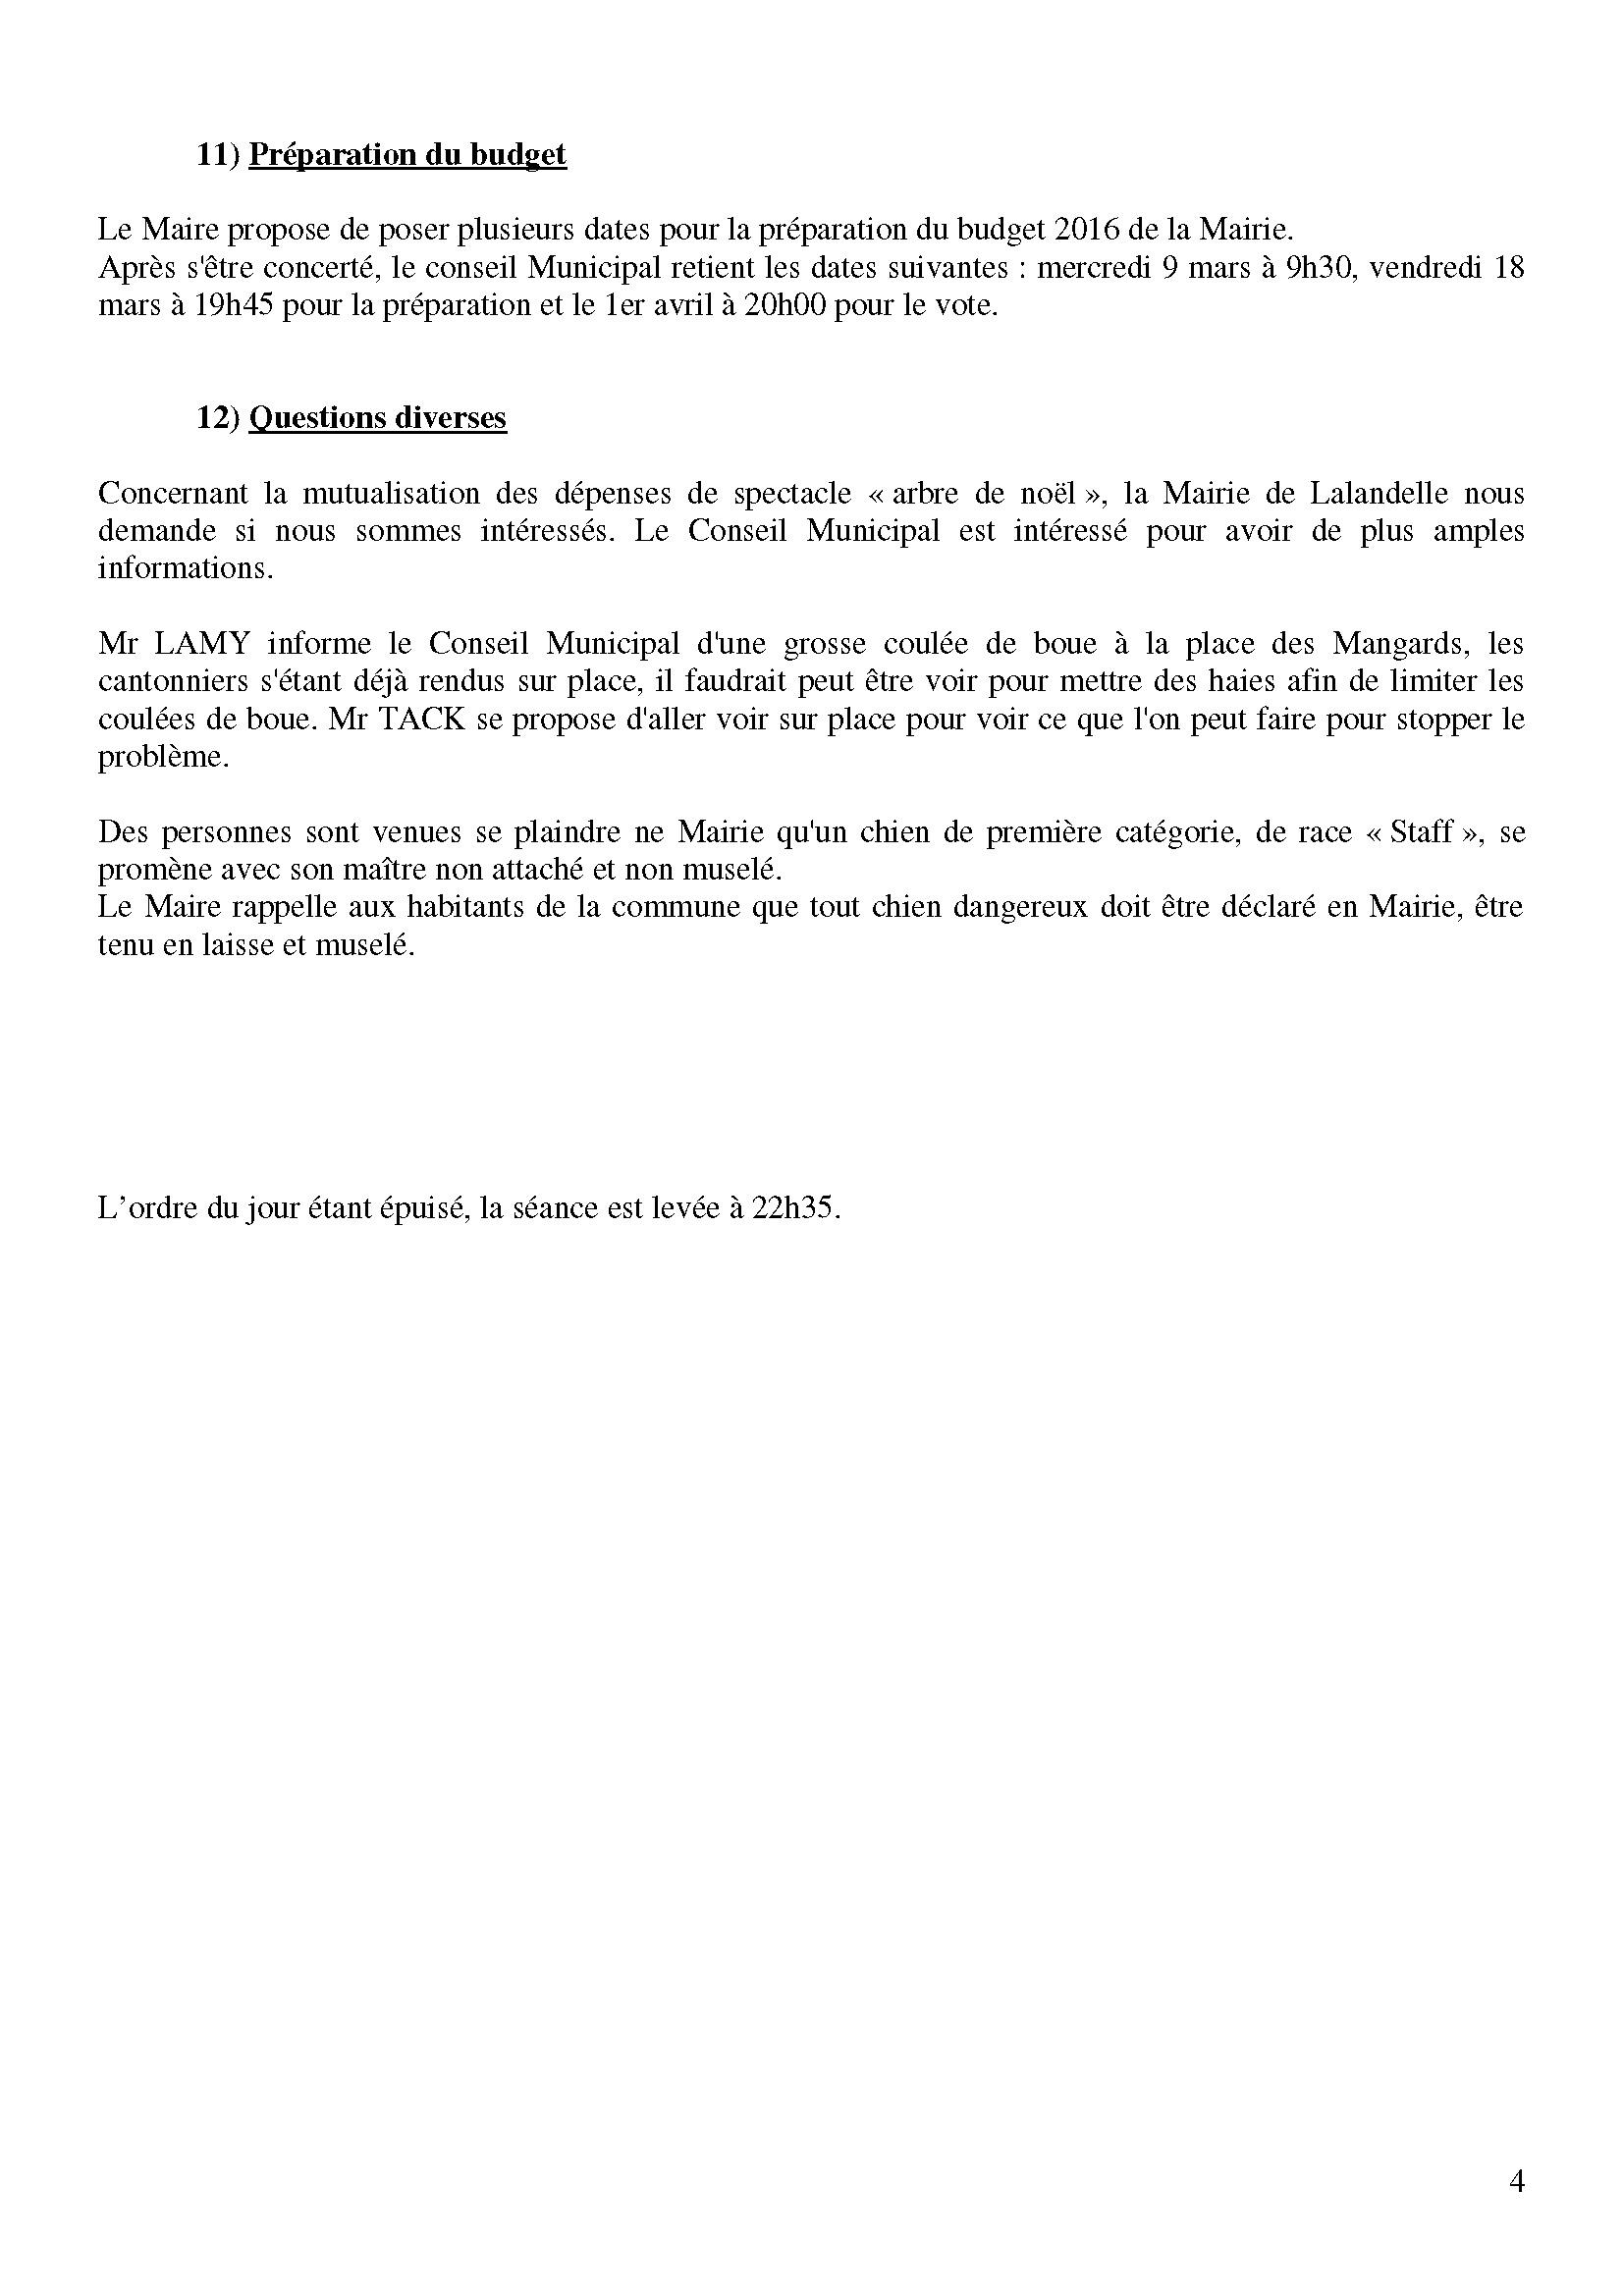 cr-du-26022016-page-4